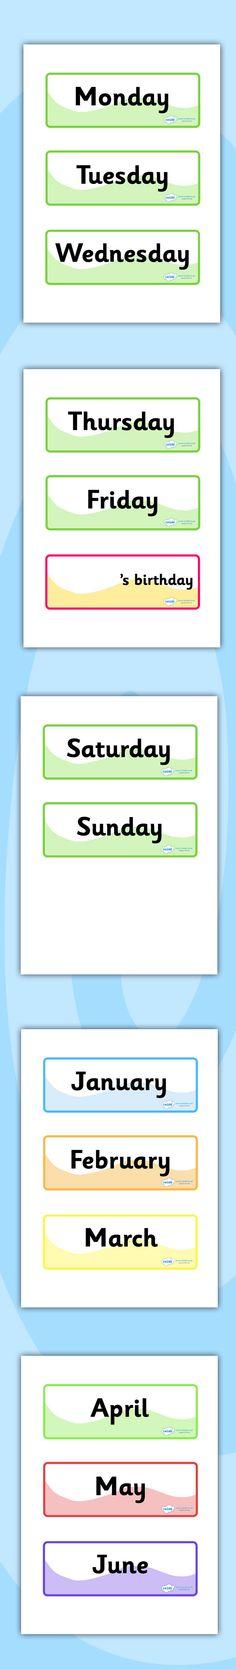 Calendar Ideas Twinkl : Twinkl resources gt level maths assessment target